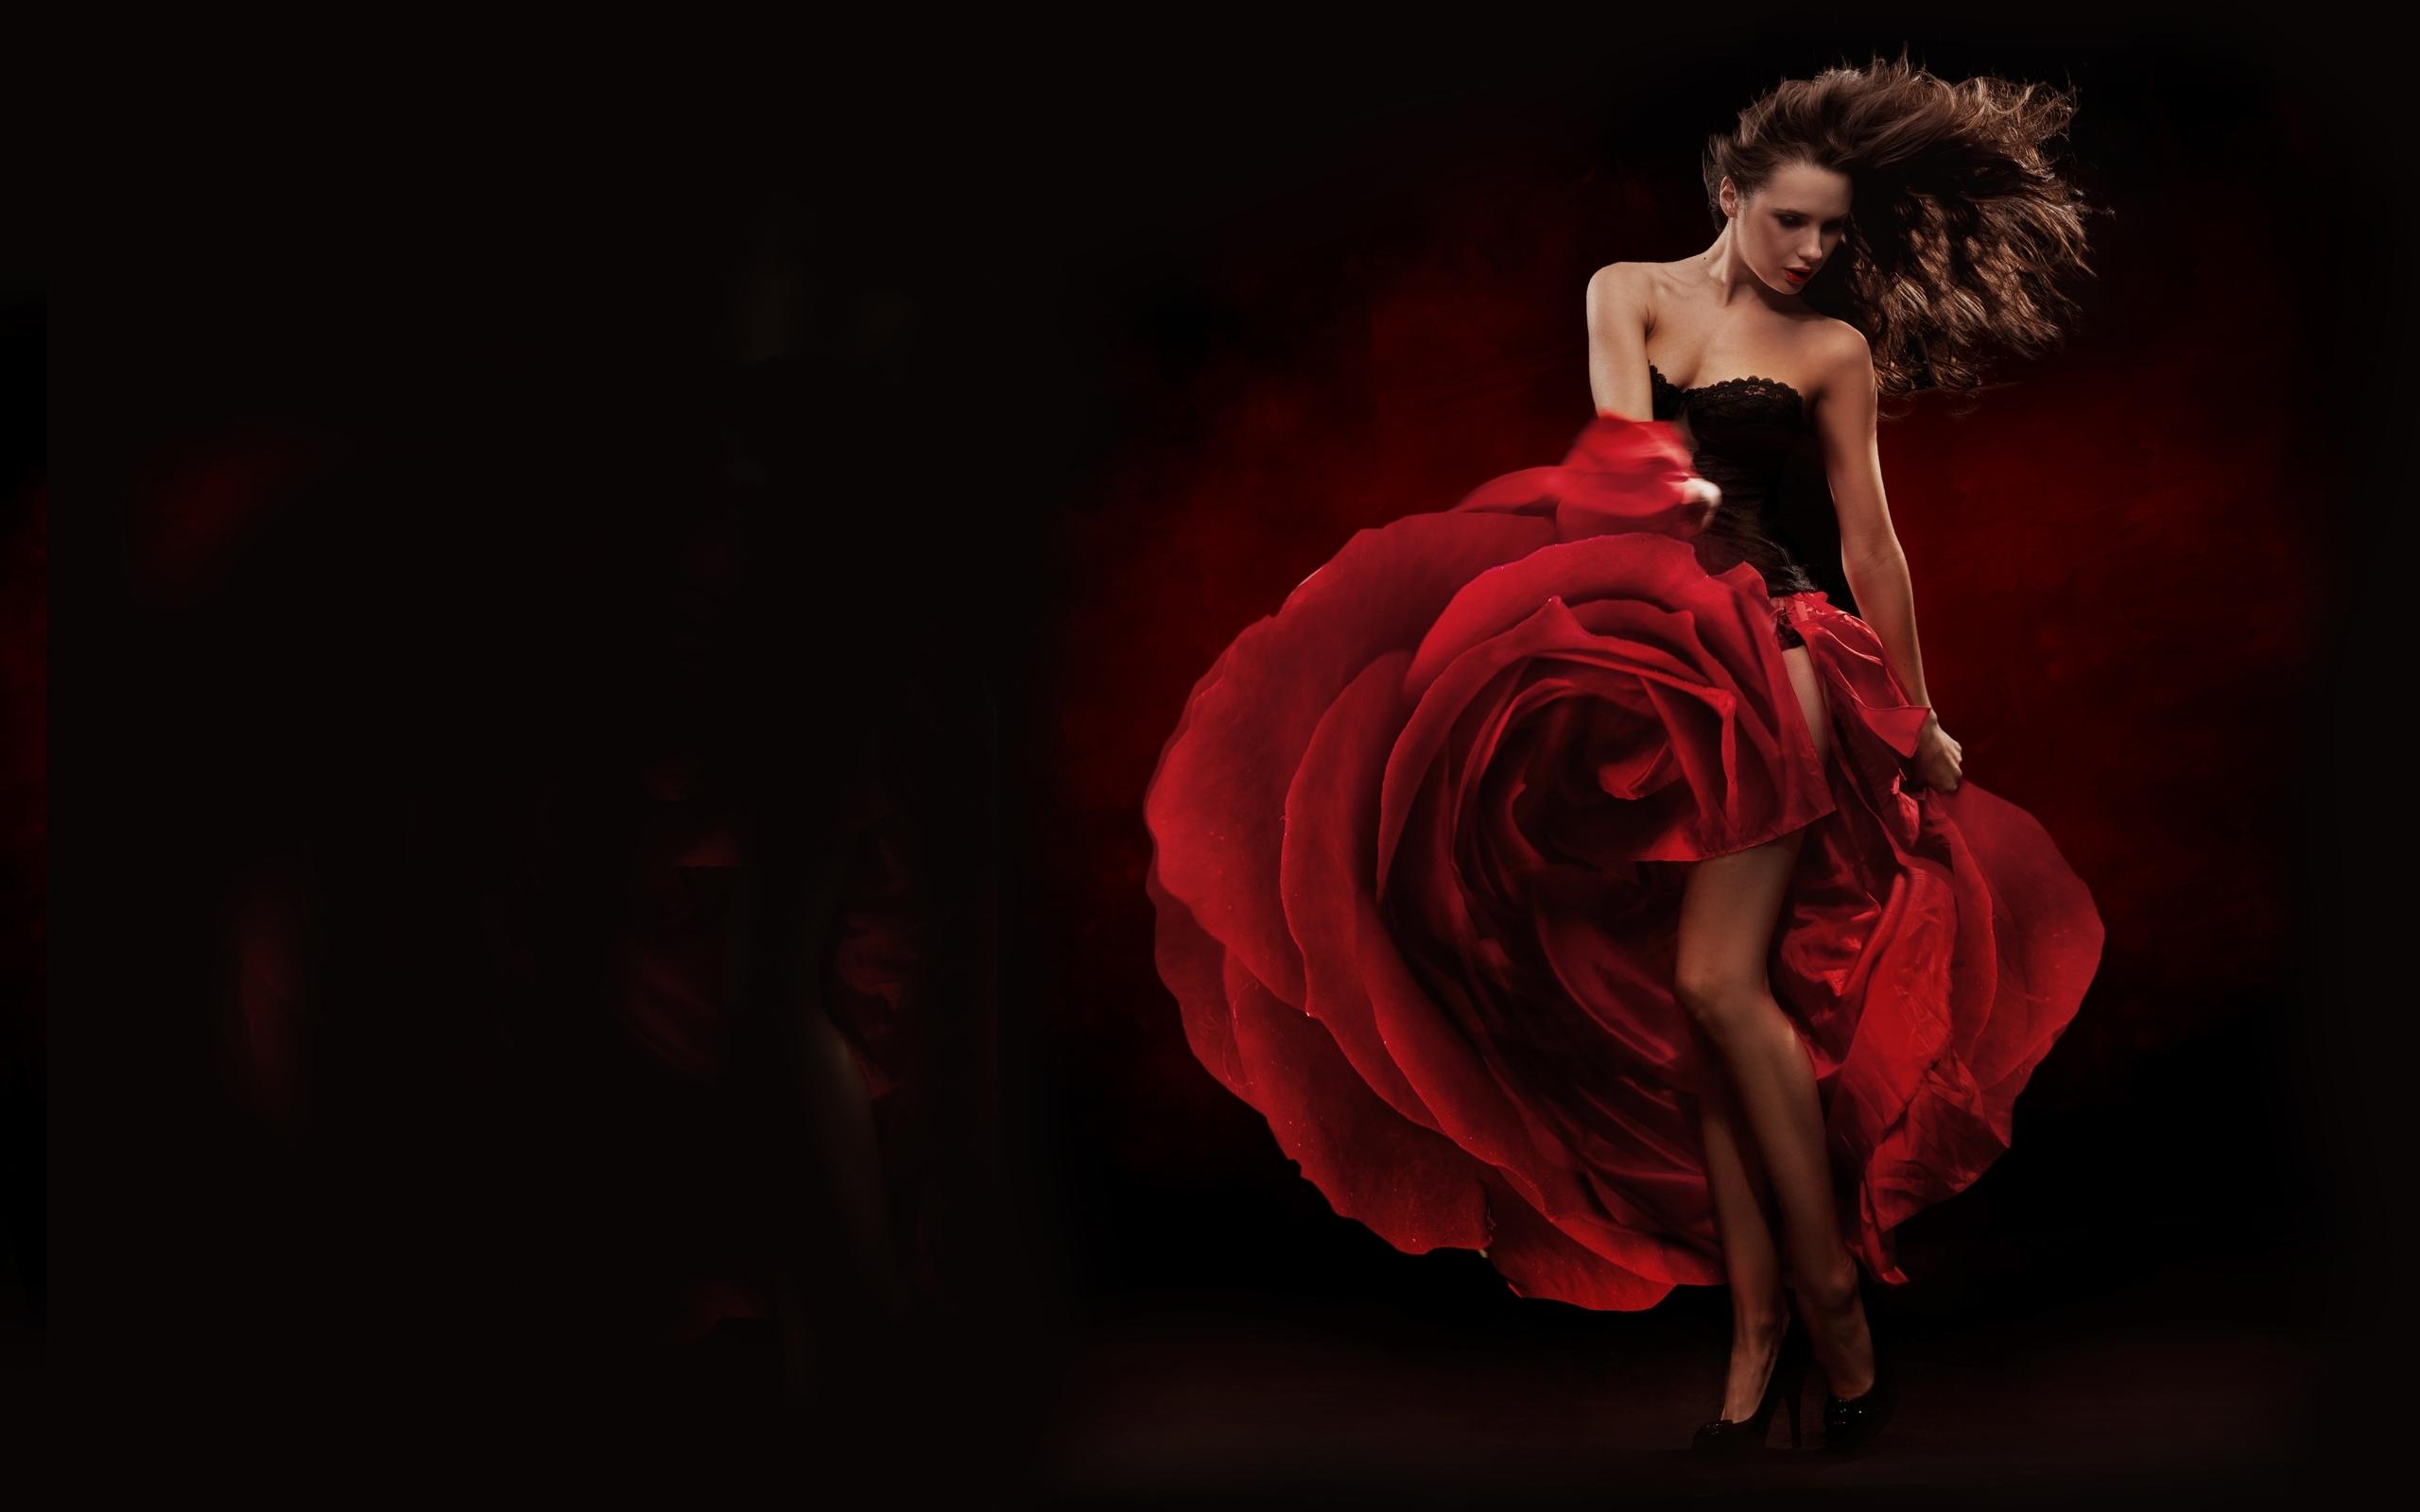 girl dance wallpaper | 2560x1600 | 84228 | wallpaperup